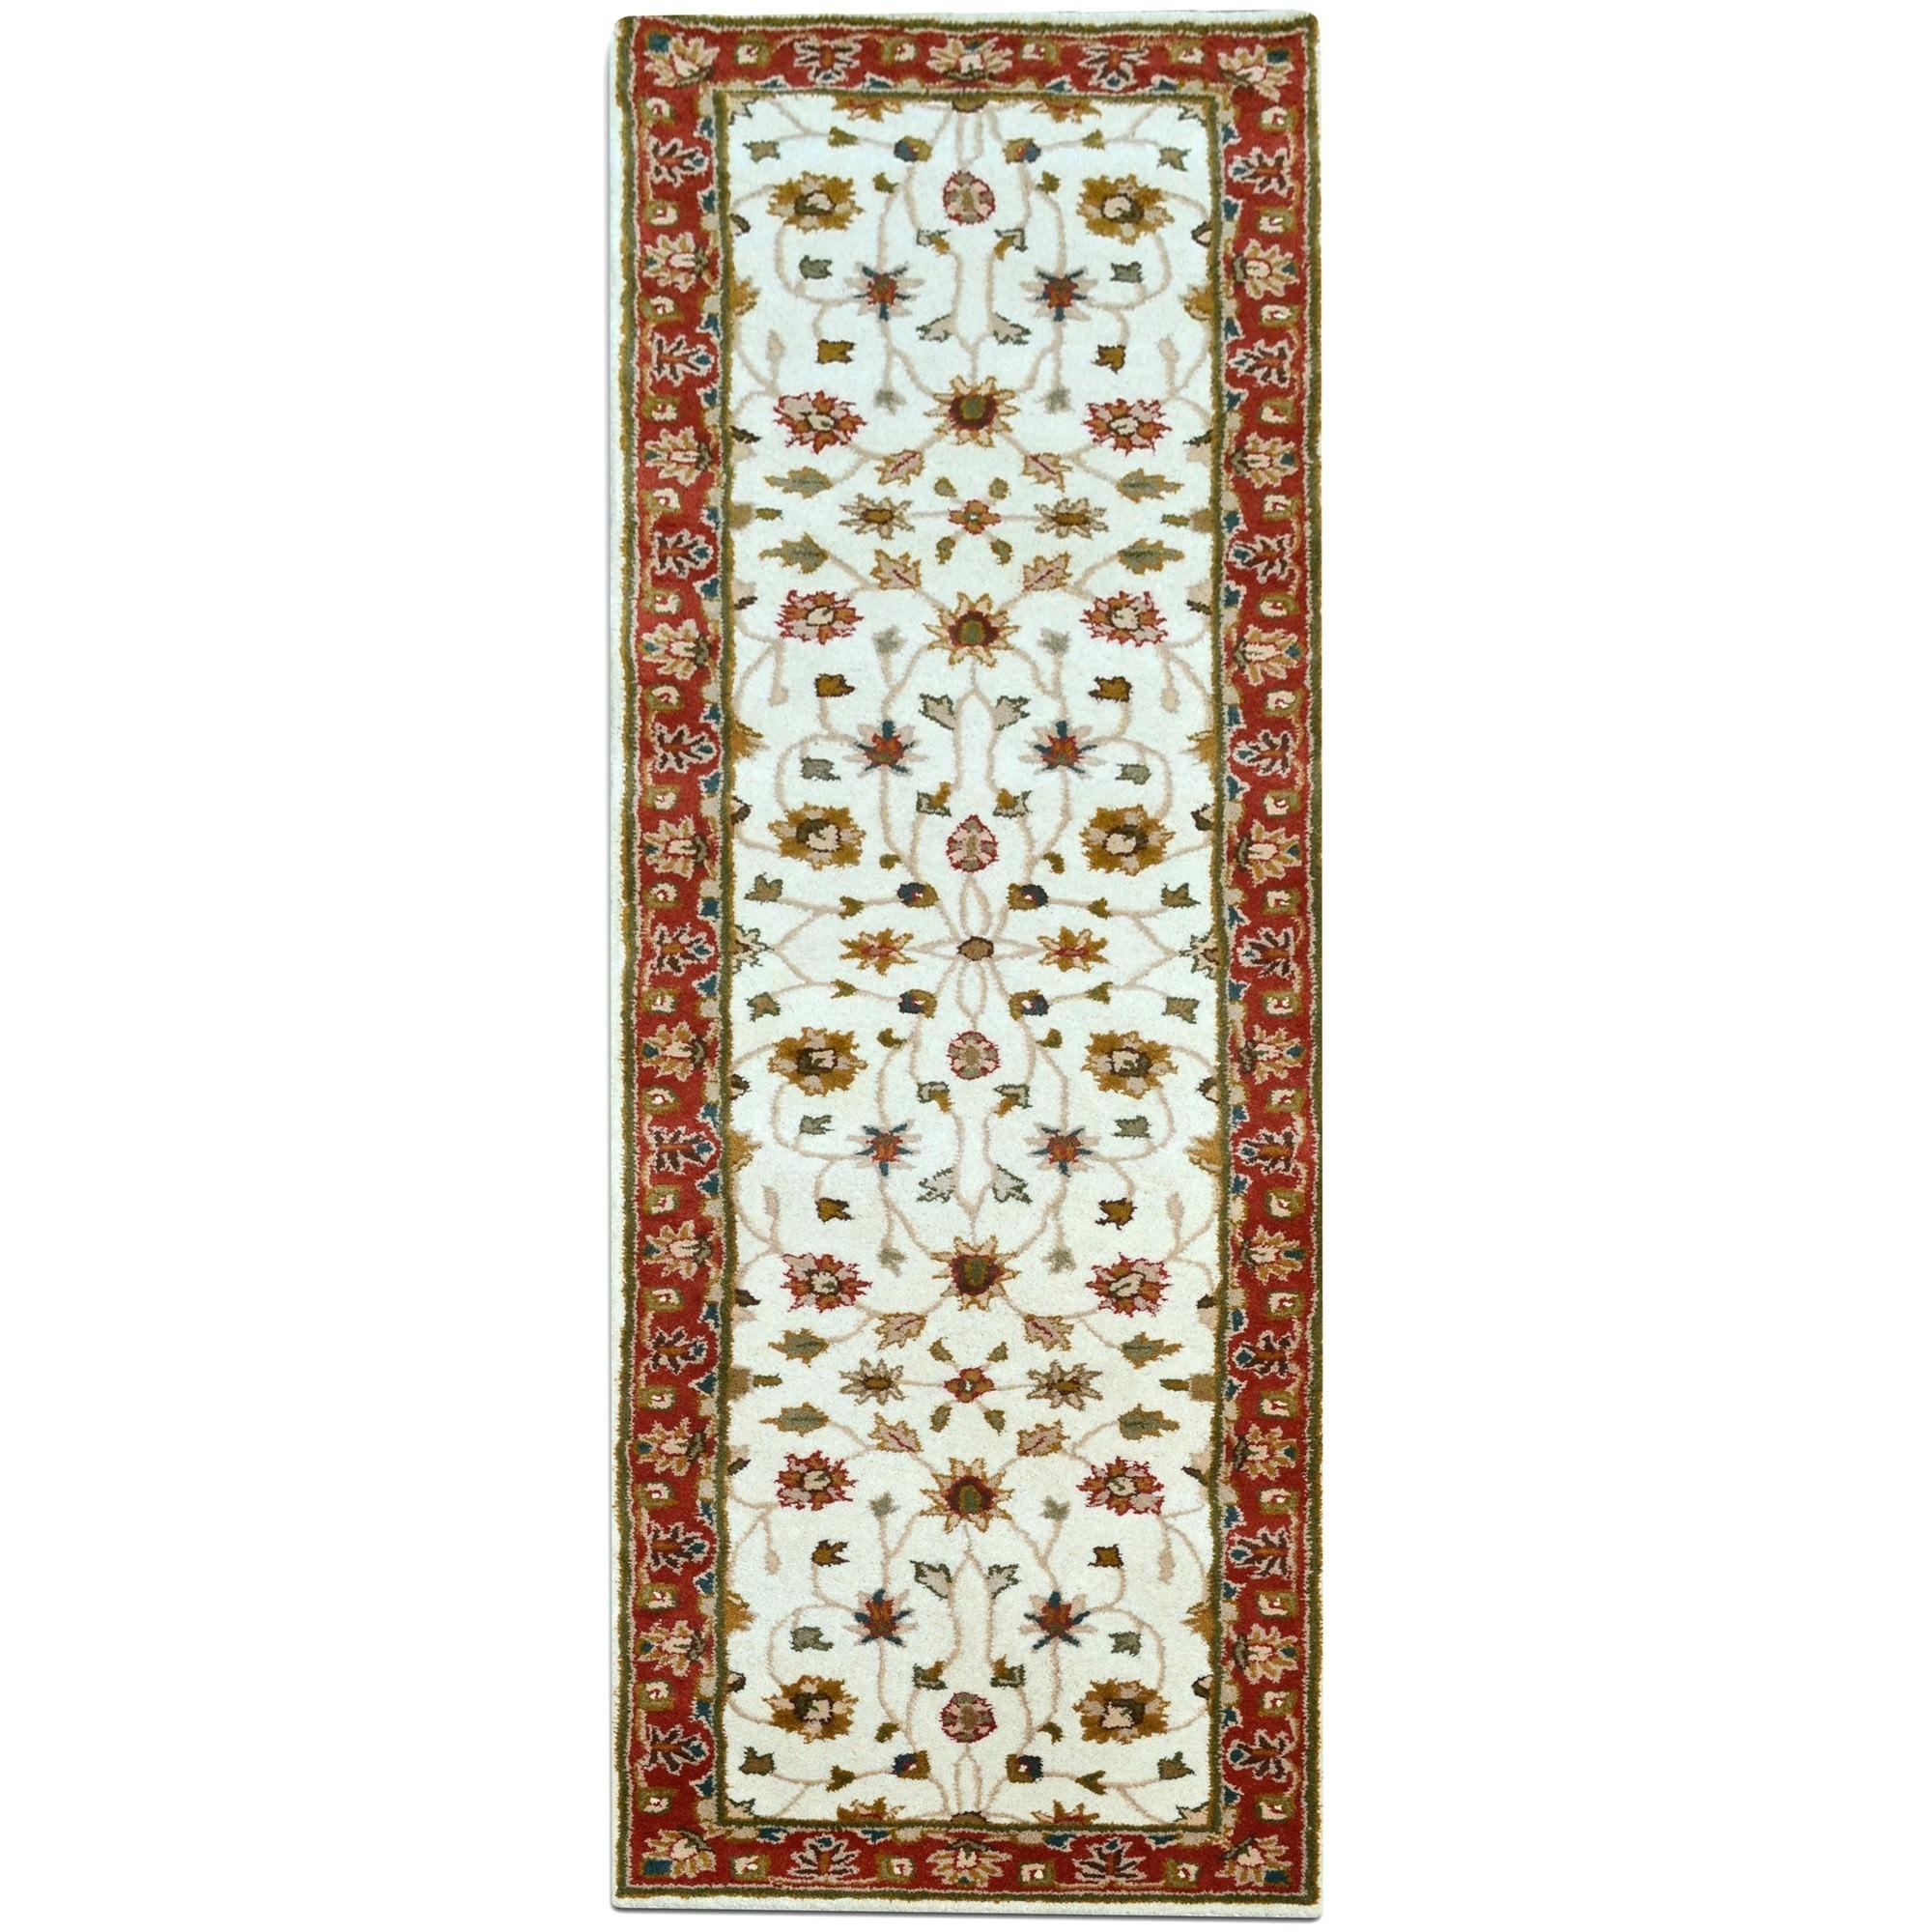 Kashan Oriental Wool Runner Rug, 300x80cm, Cream